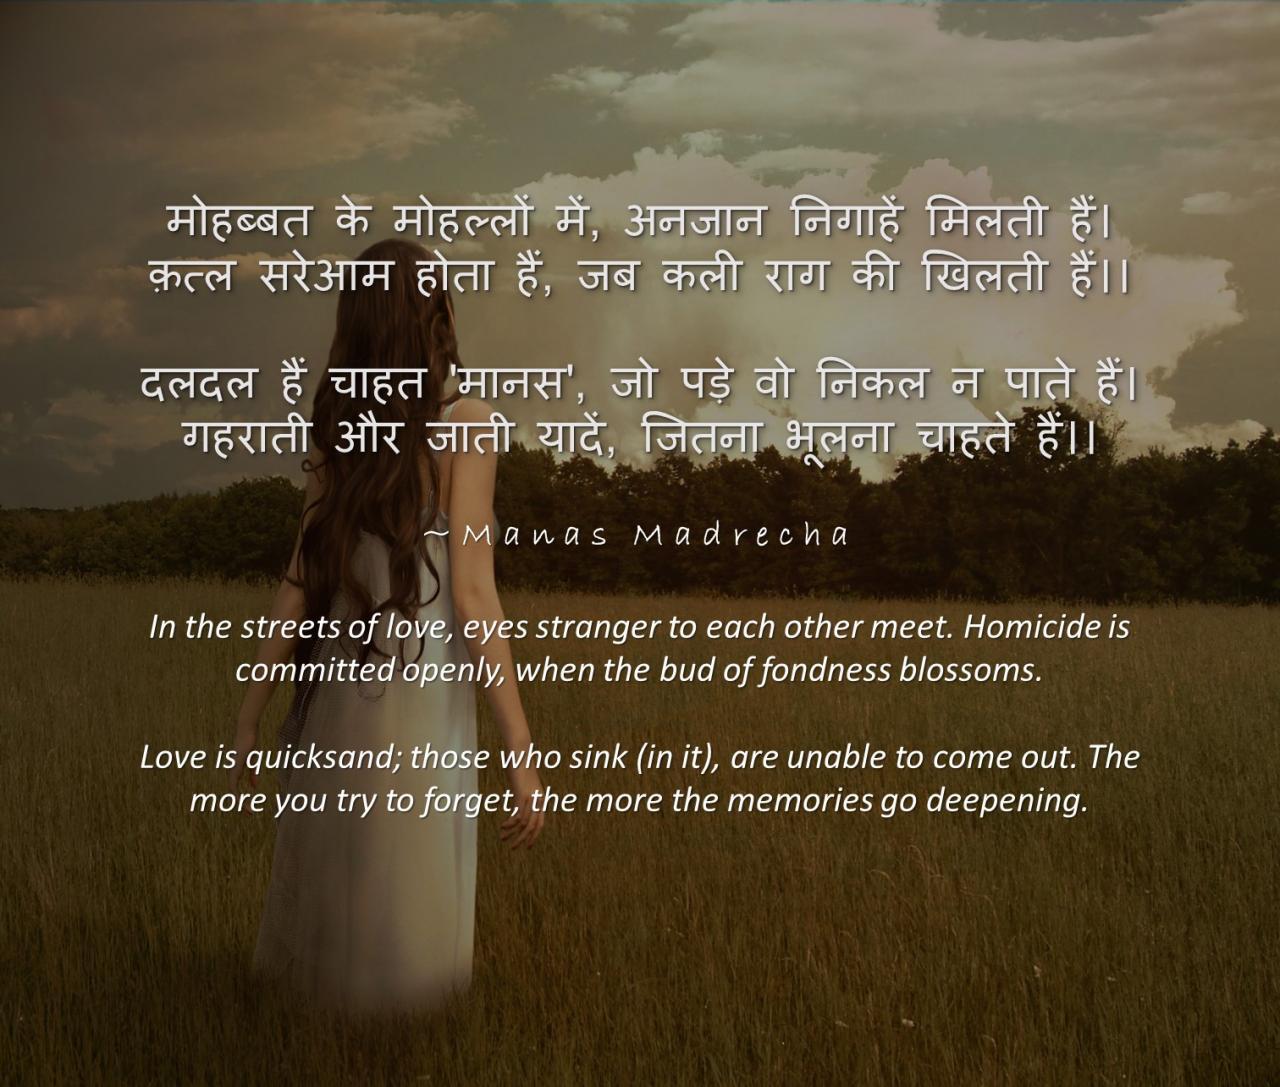 Manas Madrecha Manas Madrecha Blog Manas Madrecha Poem Simplifying Universe Hindi Poem